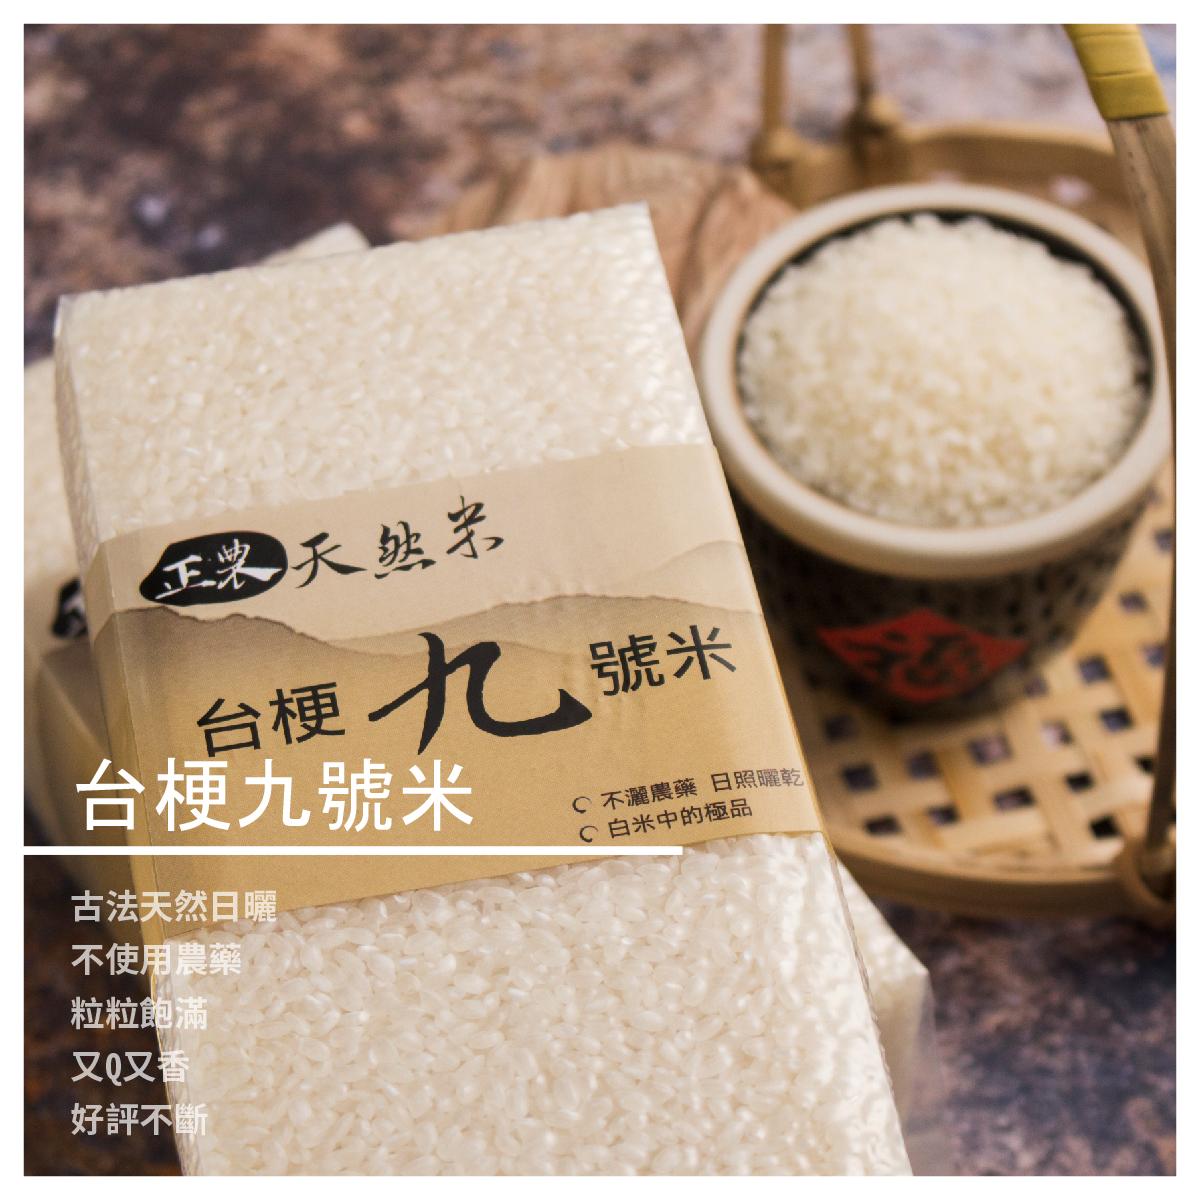 【正農】台梗九號米 1400克/包 6包/組更優惠